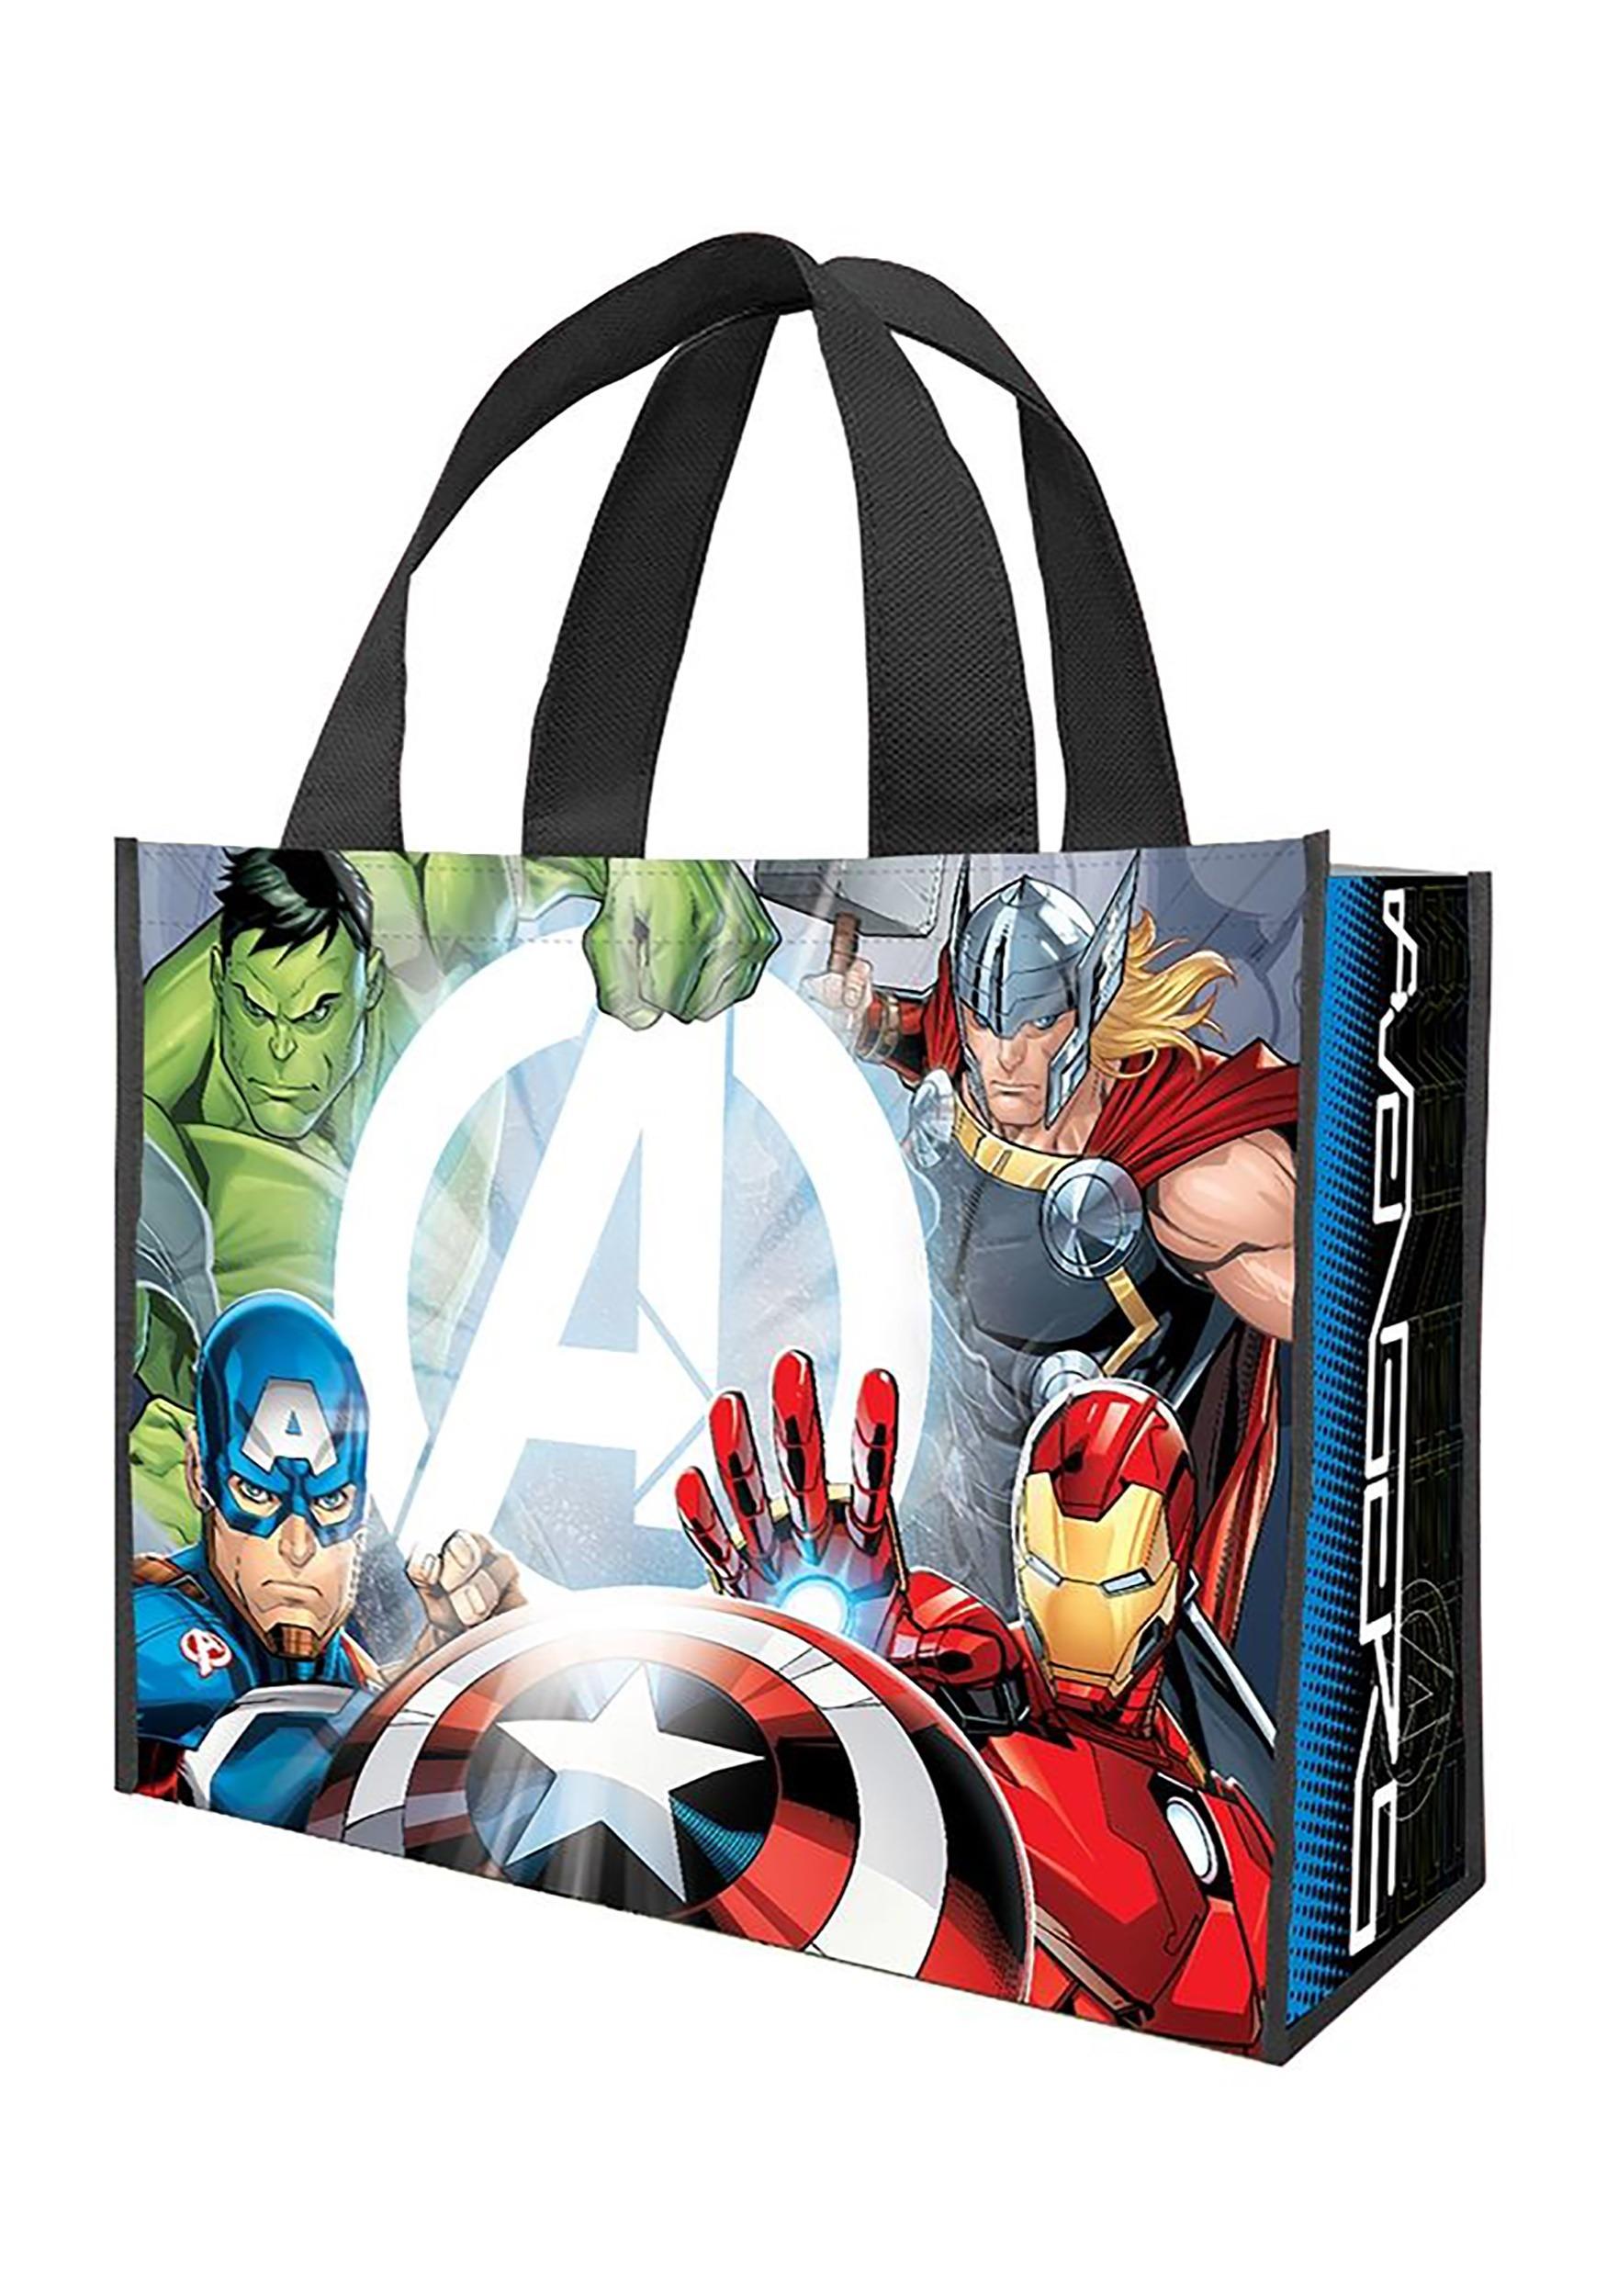 8c9d7125e29 marvel-avengers-large-recycled-shopper-tote-treat-bag.jpg